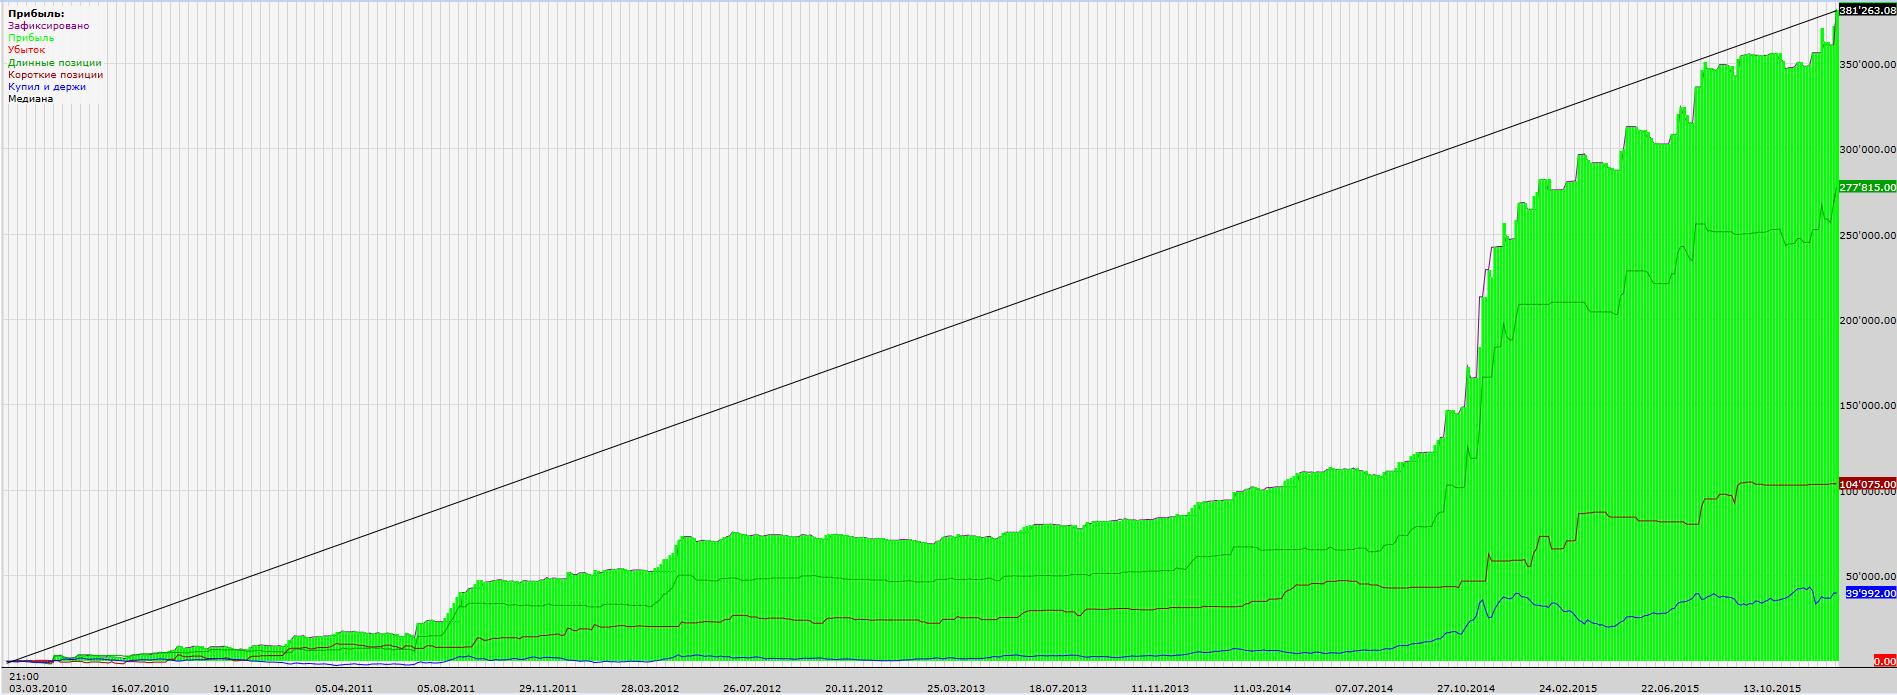 Чемпион-доход-защита-2010-2015